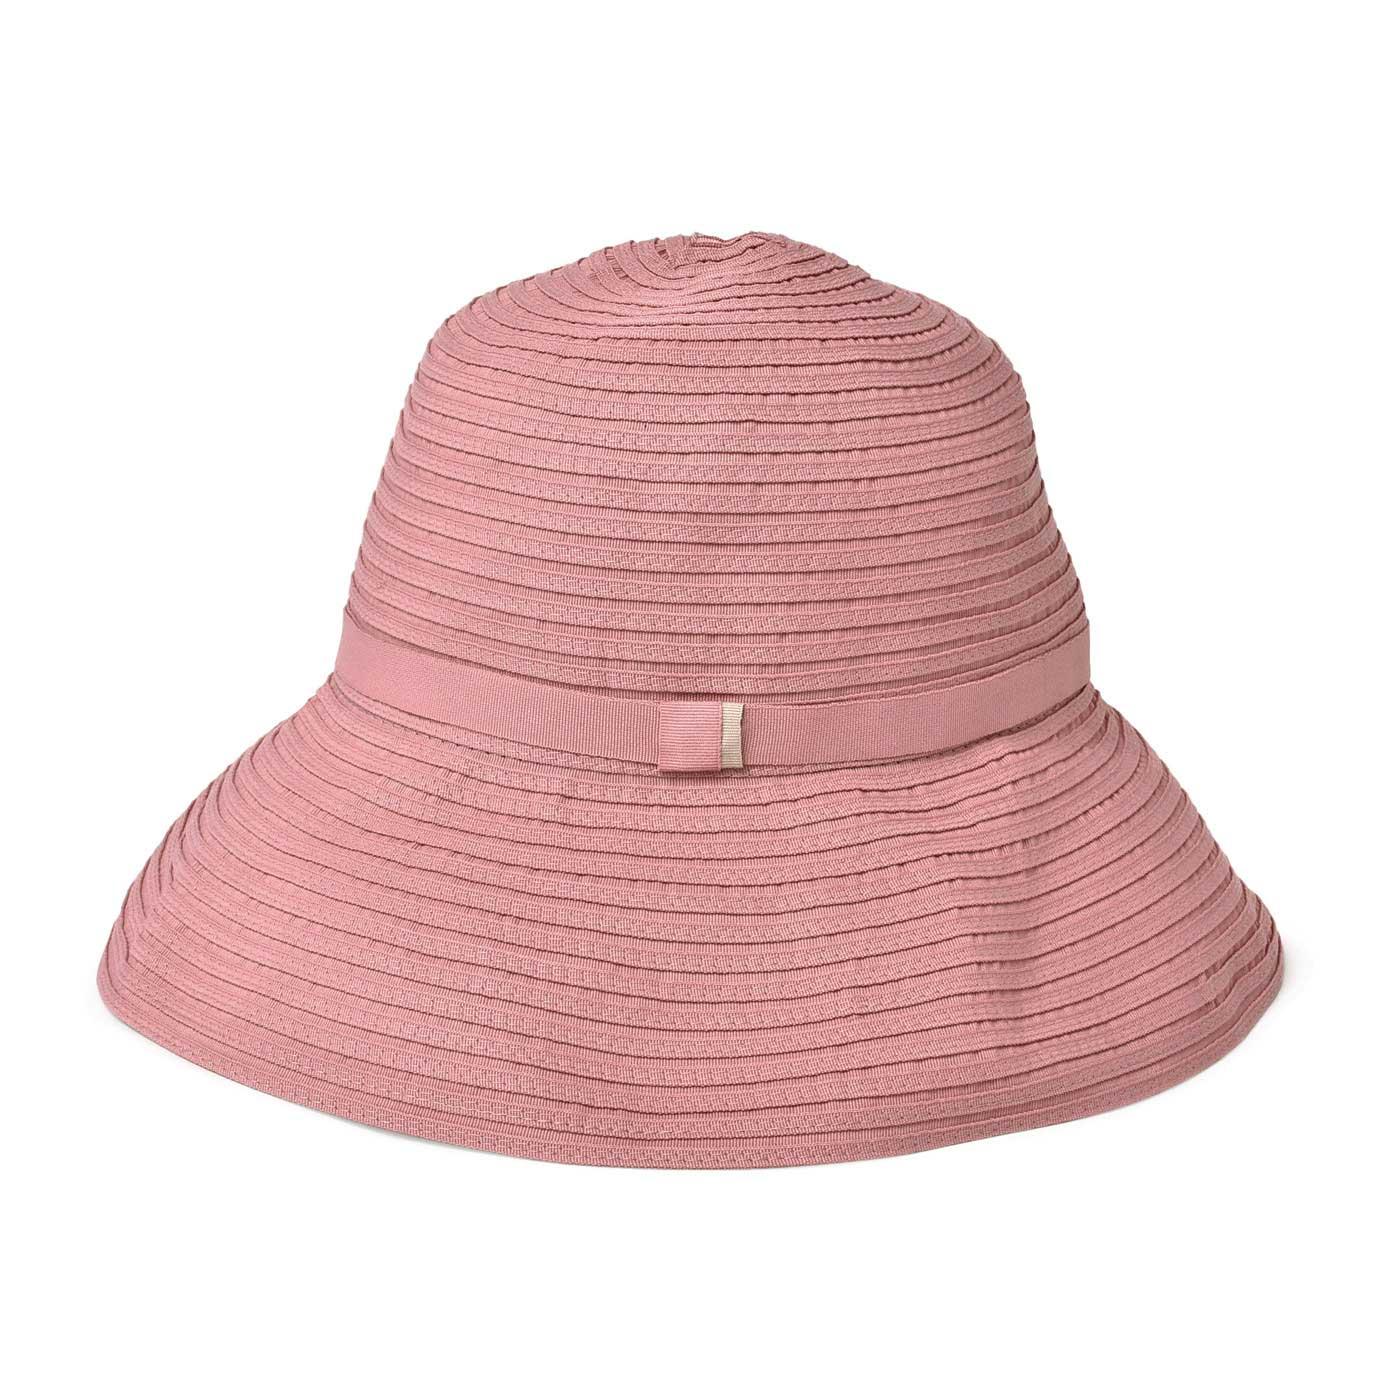 〈2.ピンク〉肌映りのいい使えるピンクカラー。